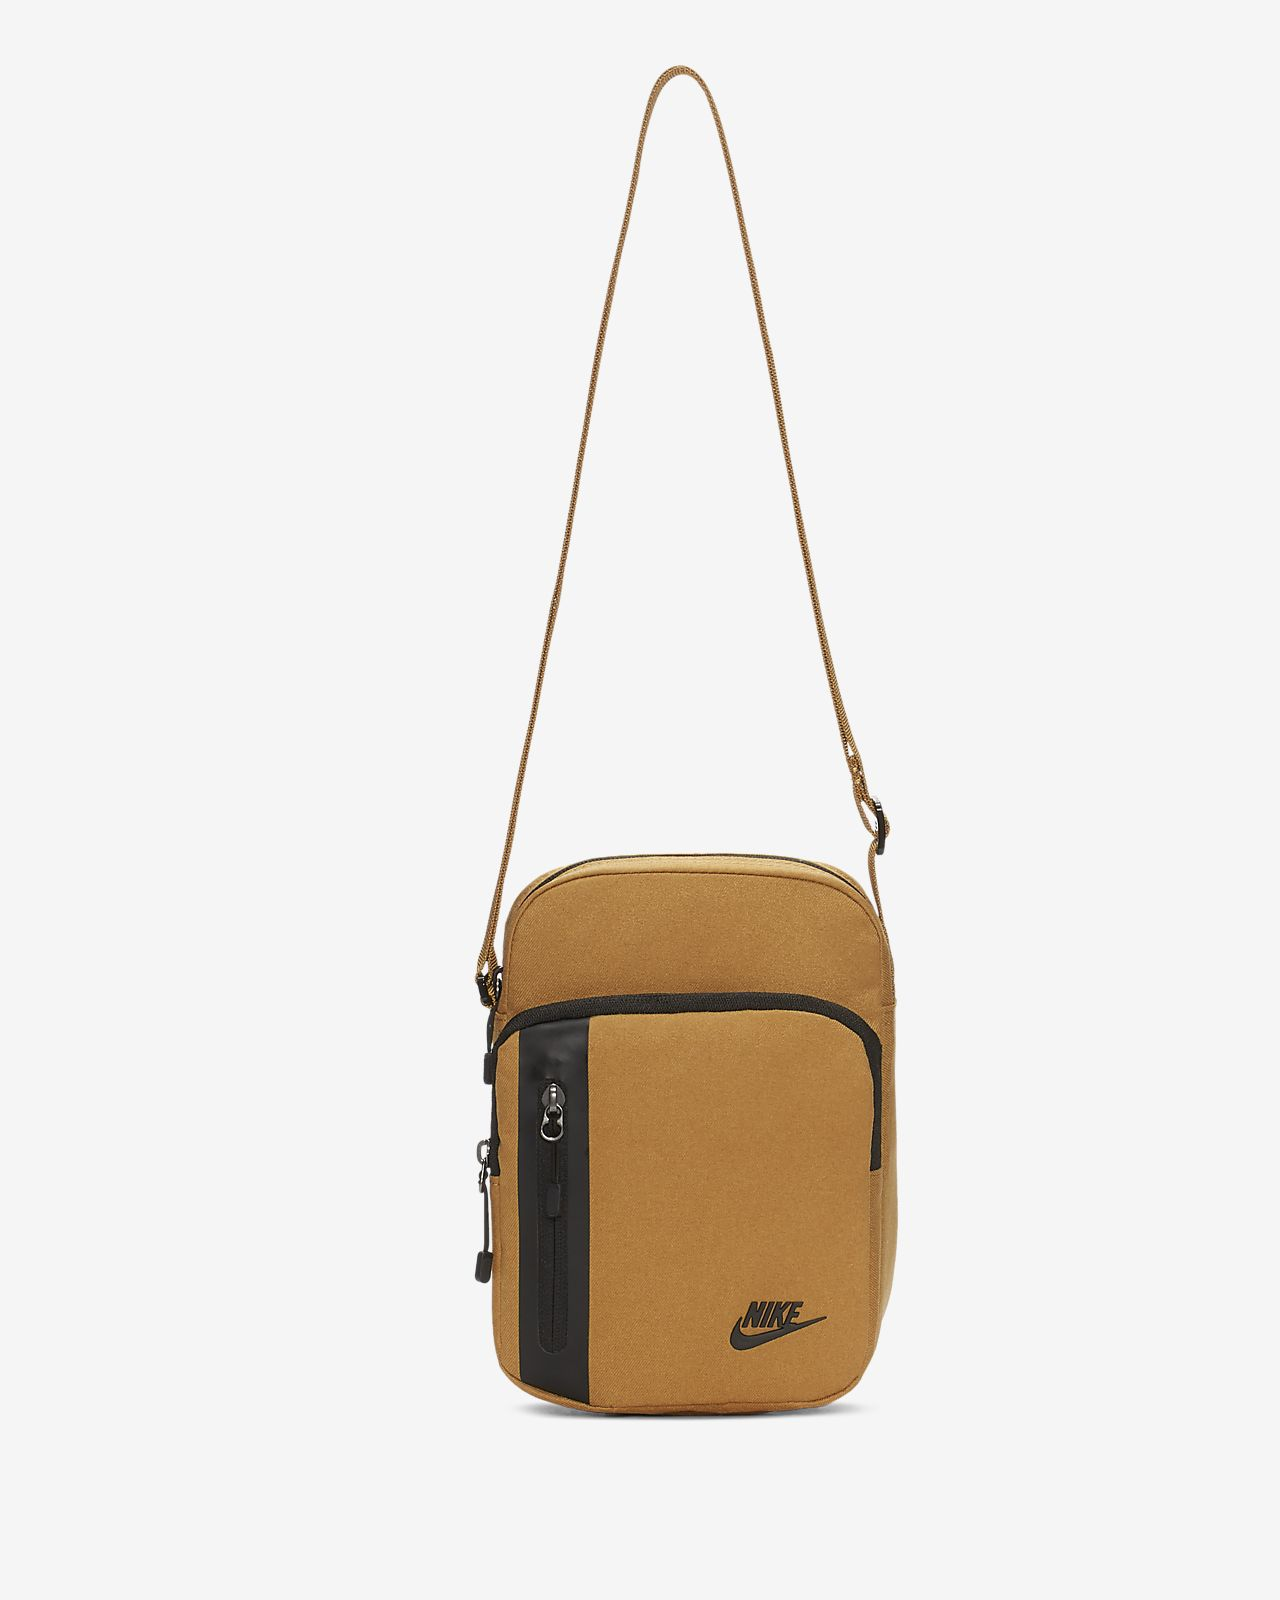 0 3 Small Mochila Items Nike Core Es IzCwZR 59c0ed6458725